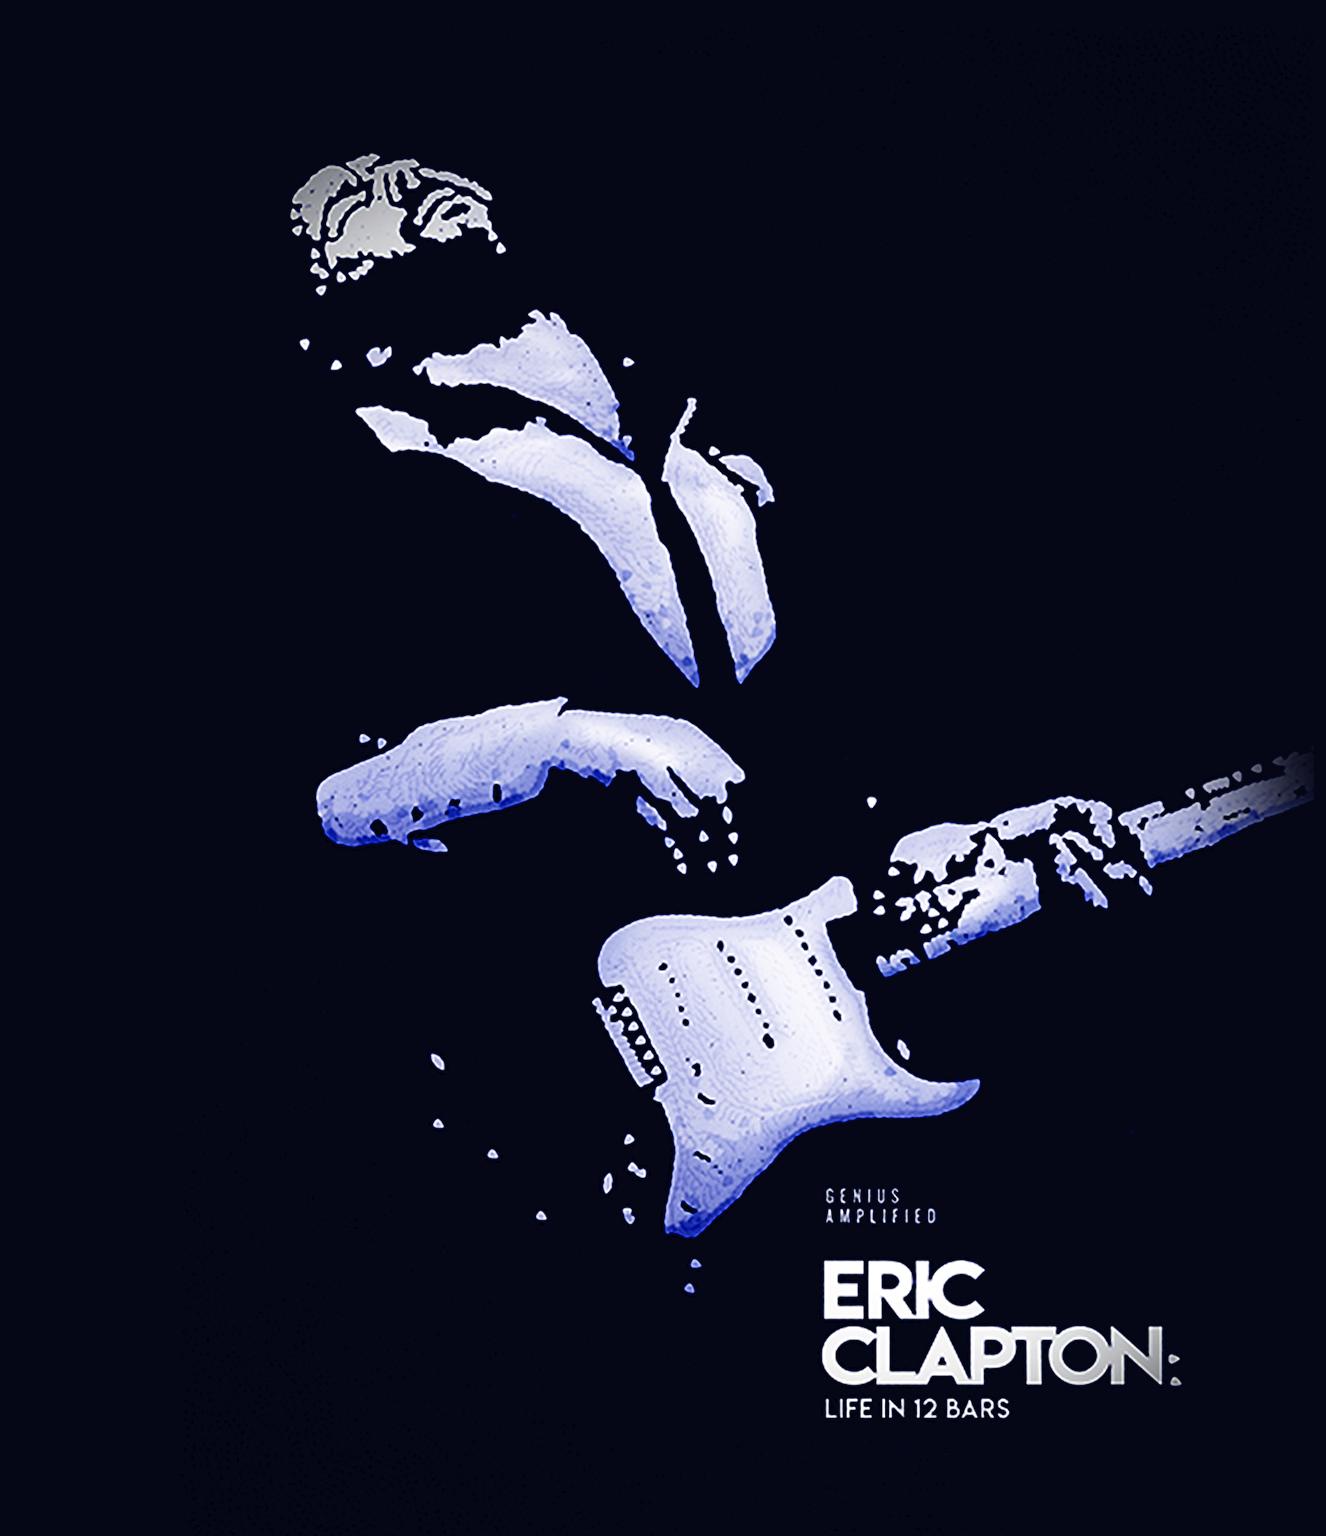 エリック クラプトンのドキュメンタリー映画 eric clapton life in 12